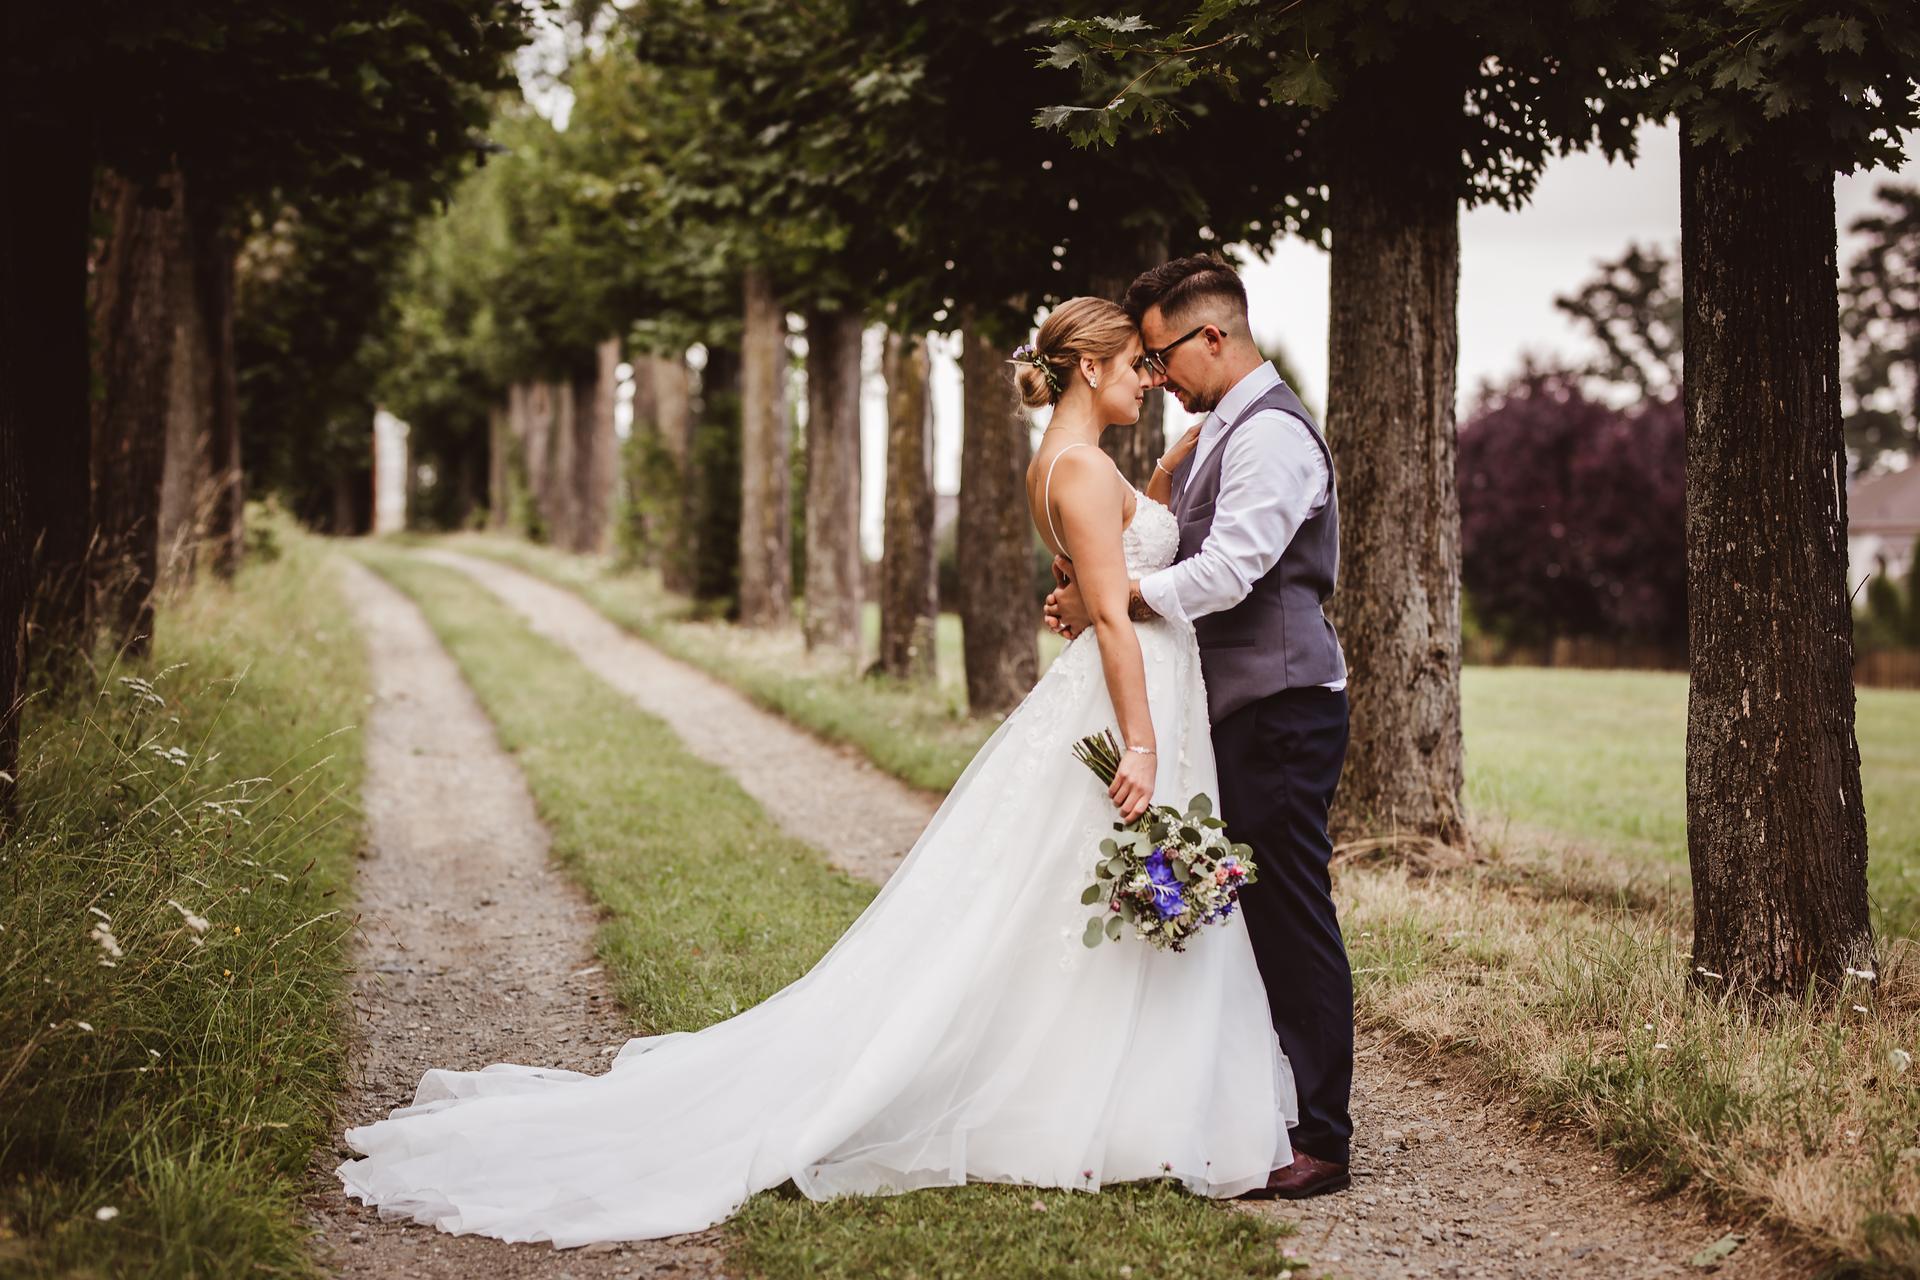 Jsem svatební fotografka a nabízím VOLNÉ termíny 2021! Koukněte na mou práci: https://www.michaelabalazova.cz/svatebni-fotografie/ - Obrázek č. 1